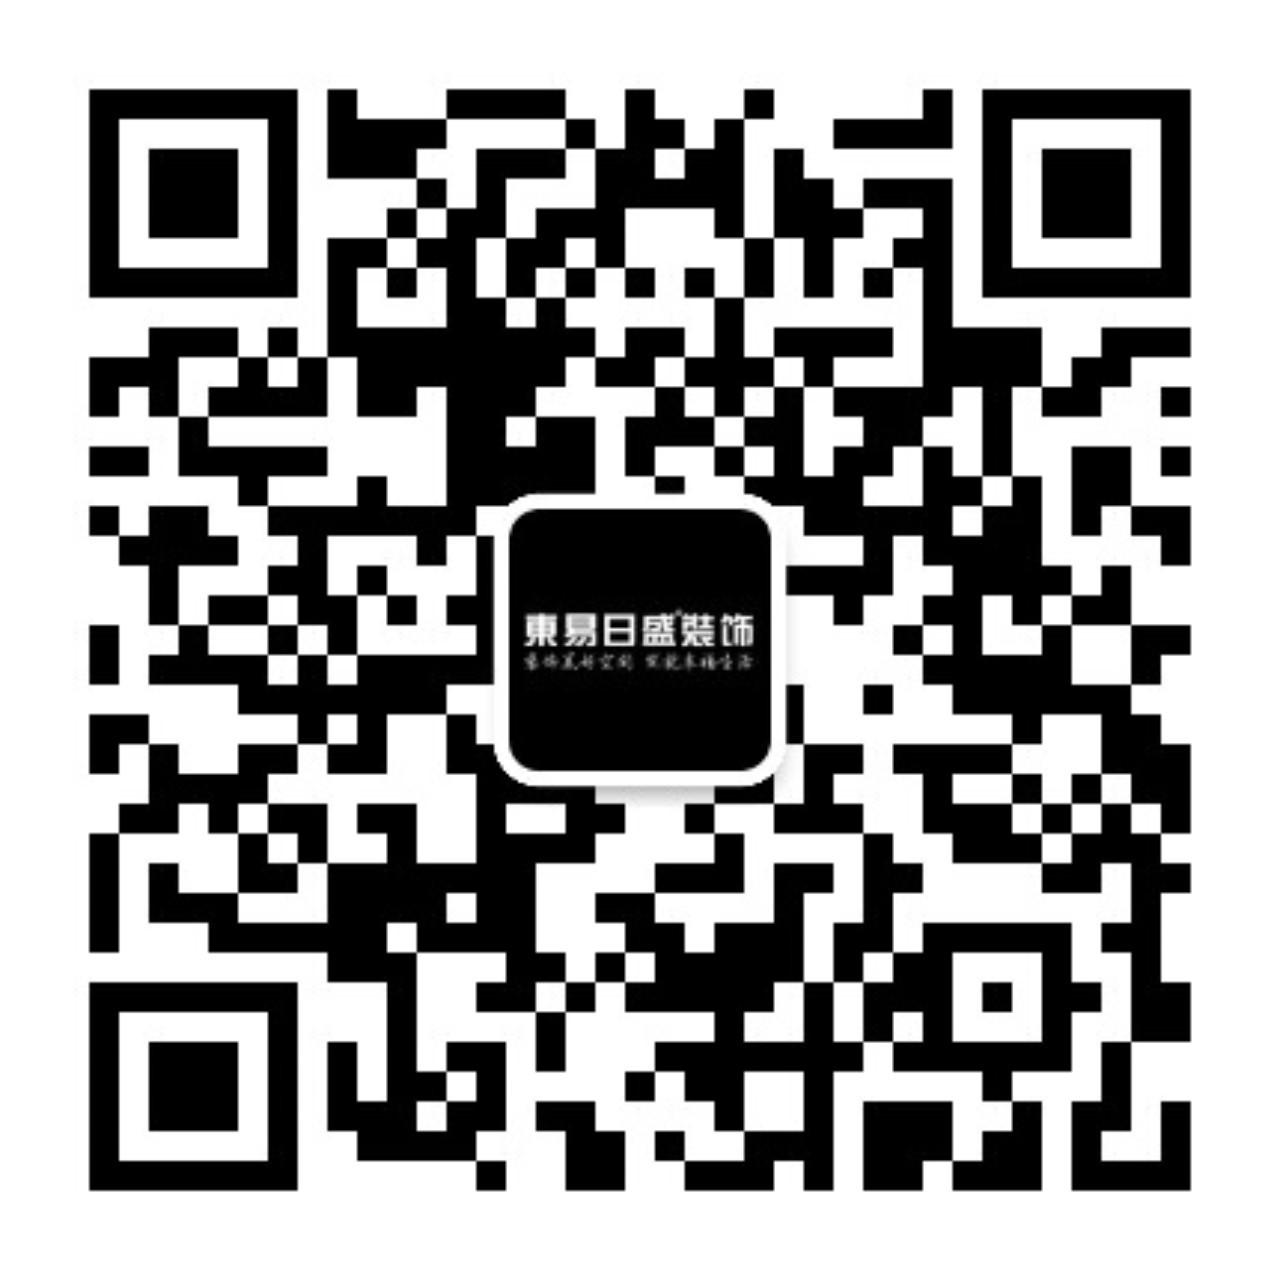 百事3官方微信